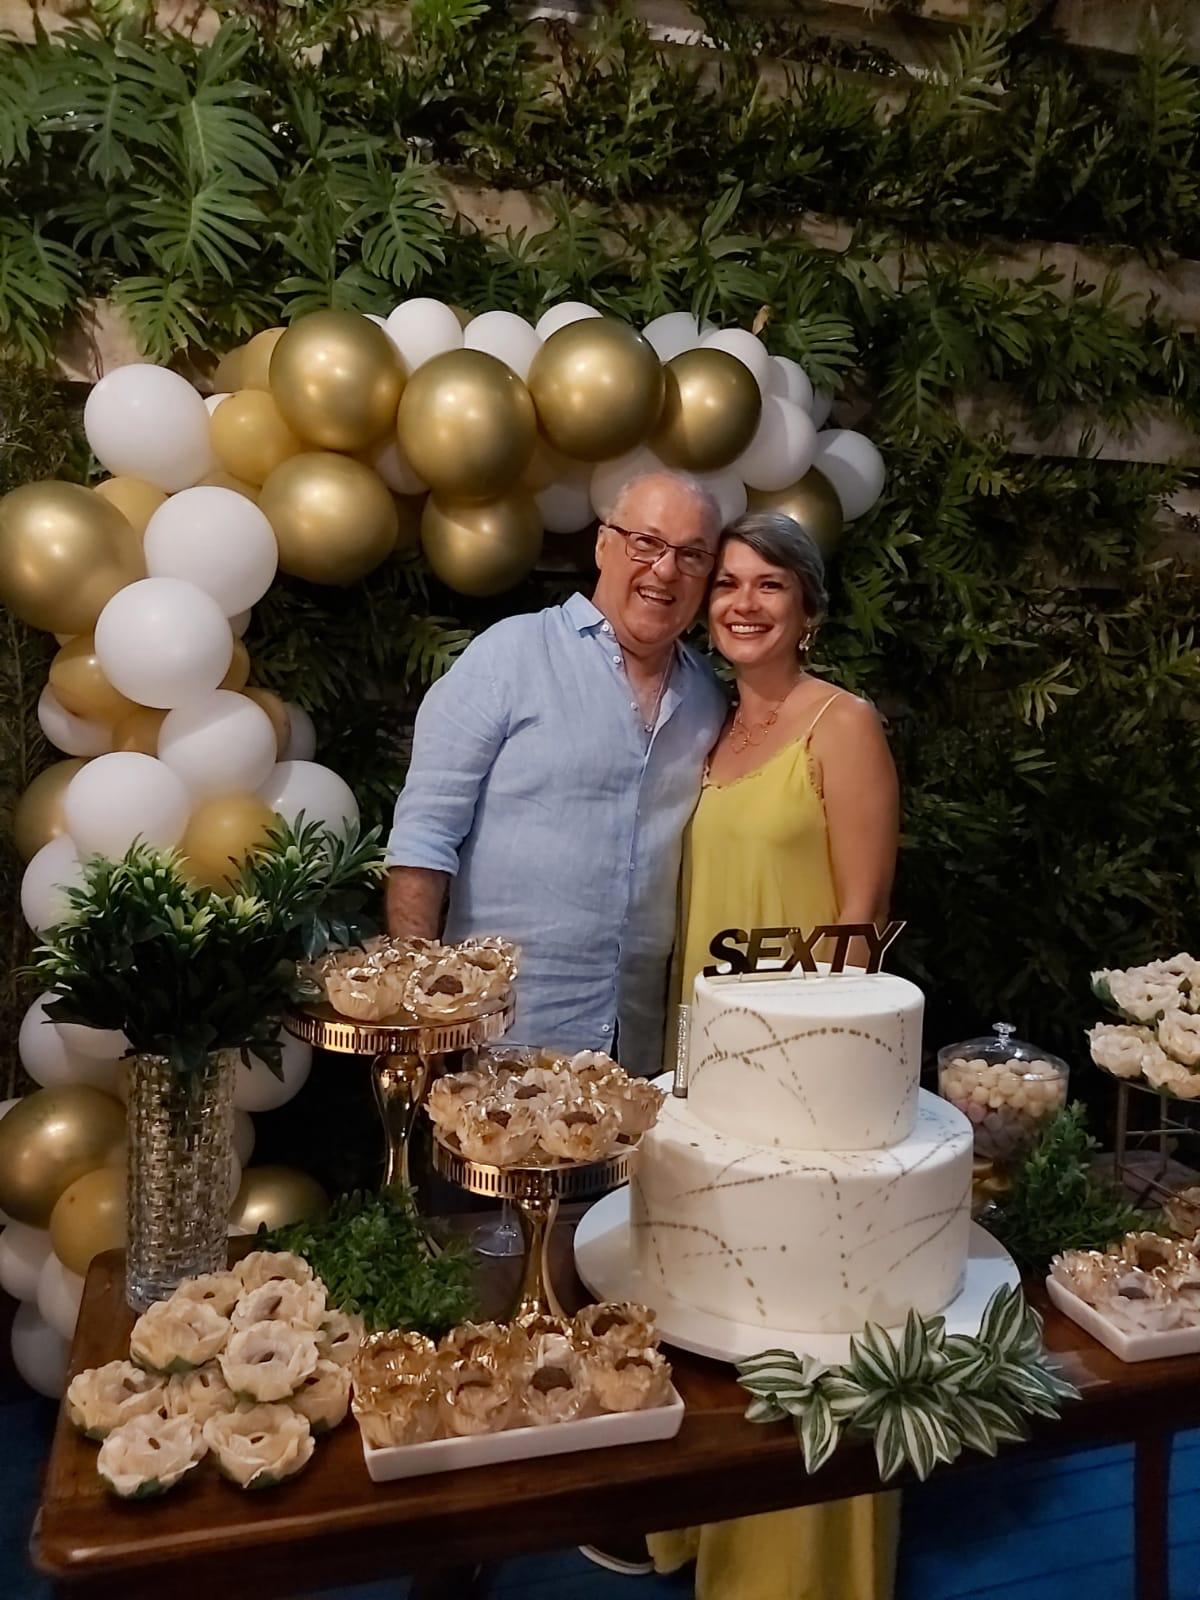 O novo sessentão Eridson Medeiros em pose com sua namorada Catarine Araújo, na festa de seus 60 anos, no restaurante Shalimar, em Pipa.